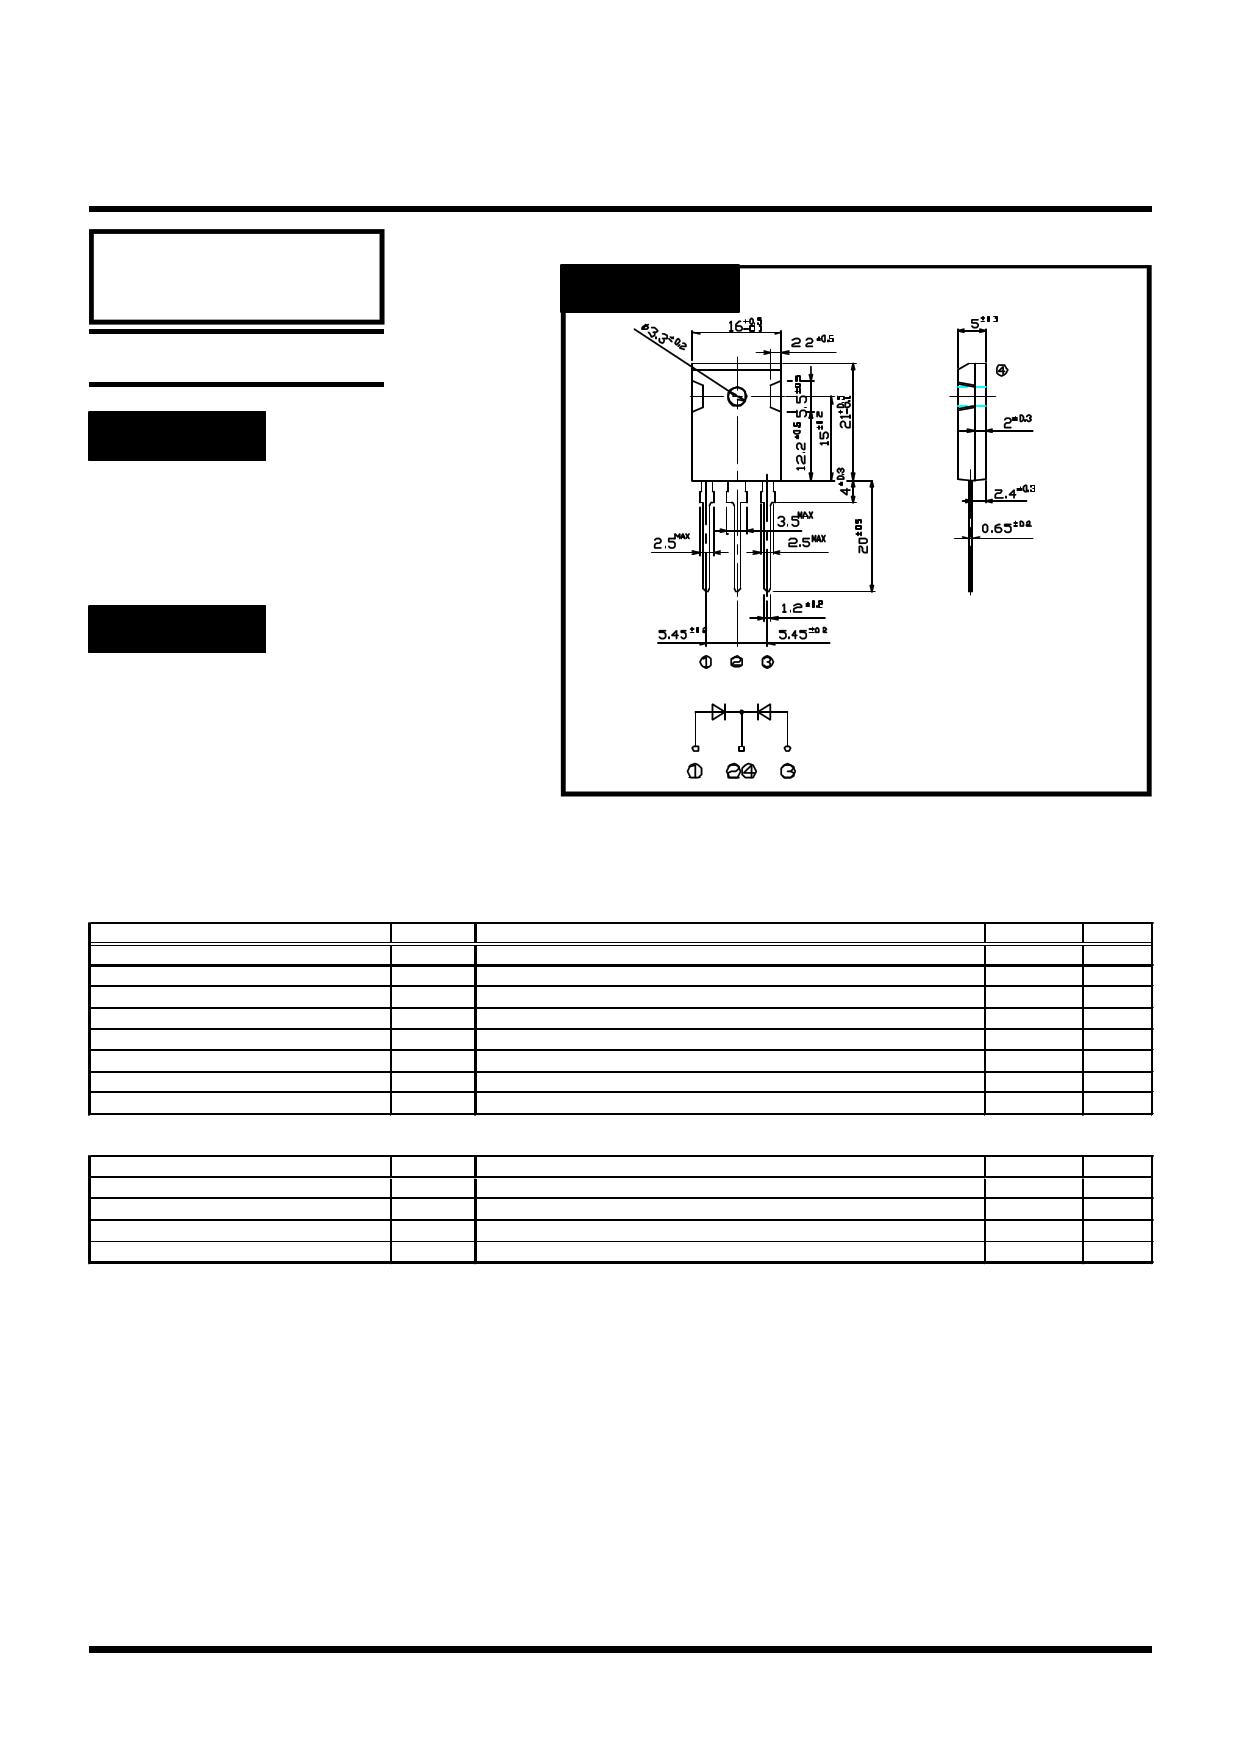 S30SC4M datasheet pinout